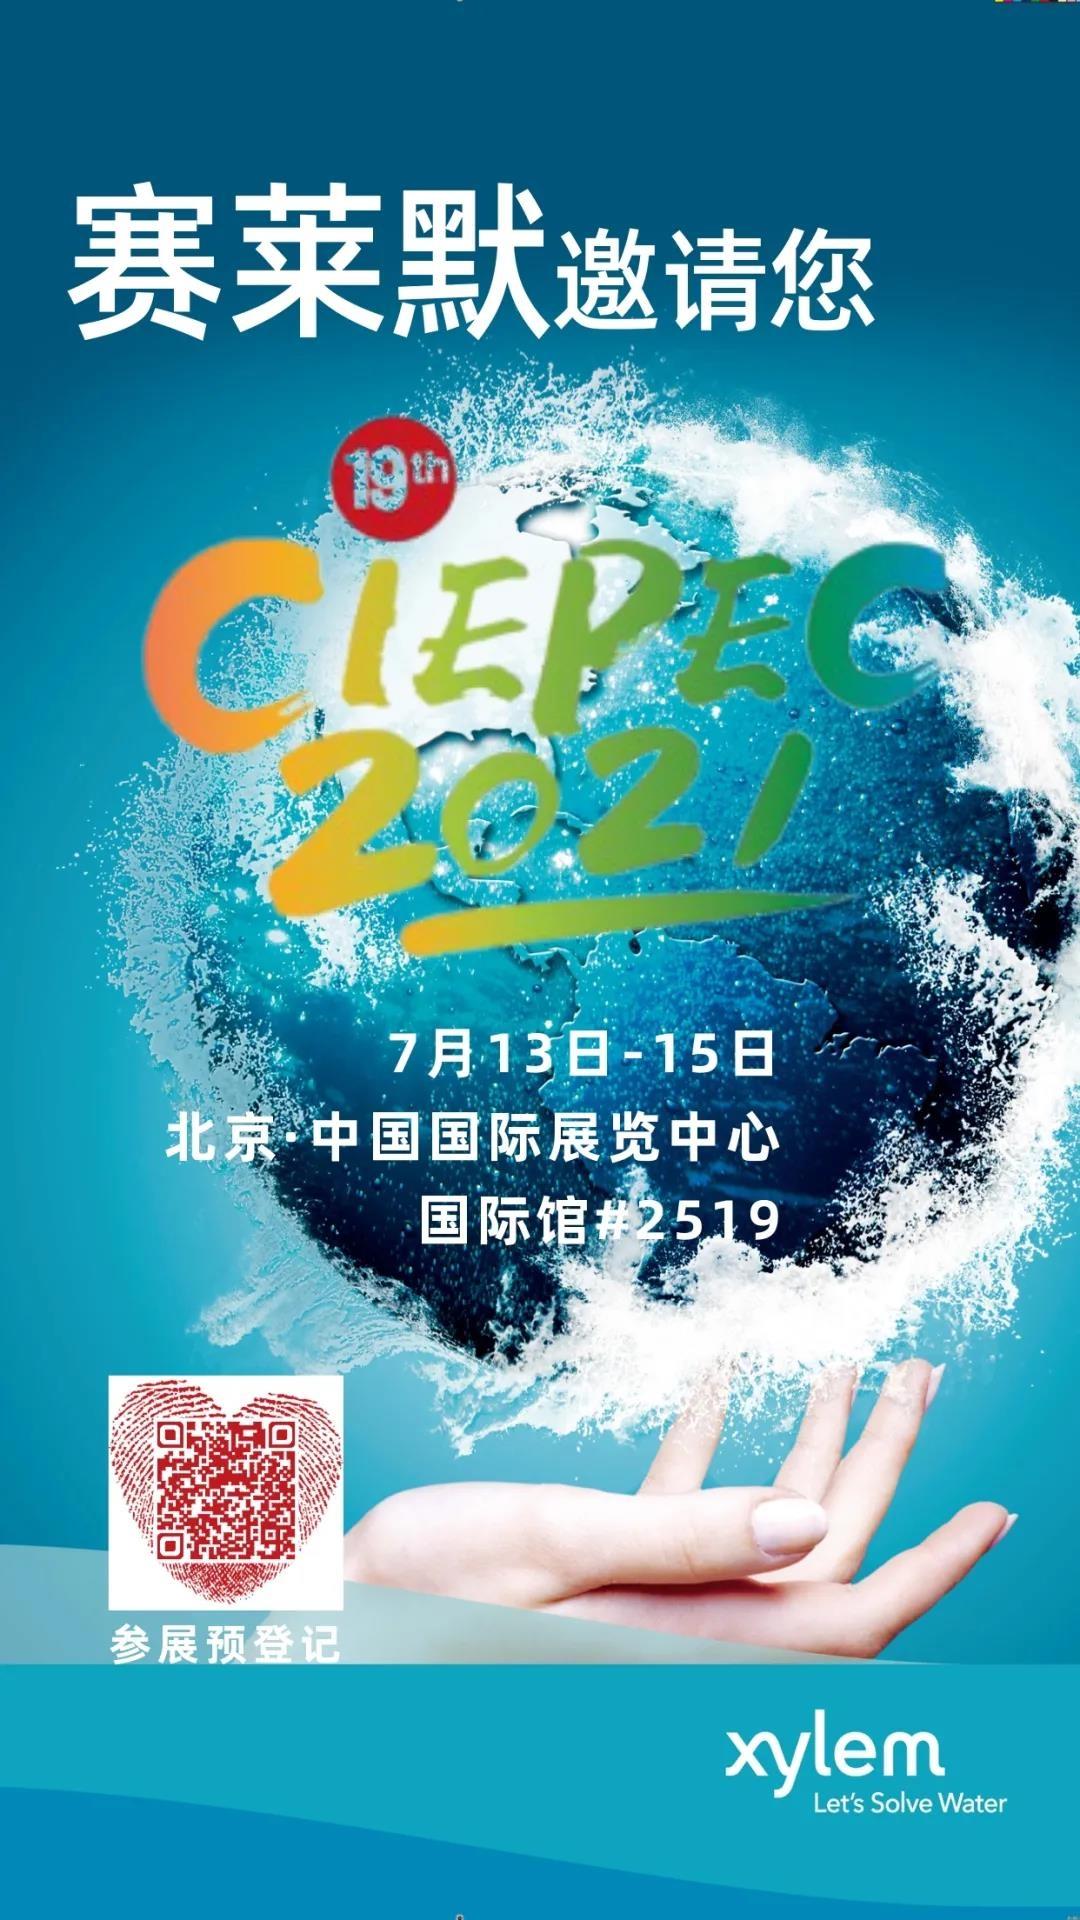 赛莱默邀请您参加2021中国国际环保展